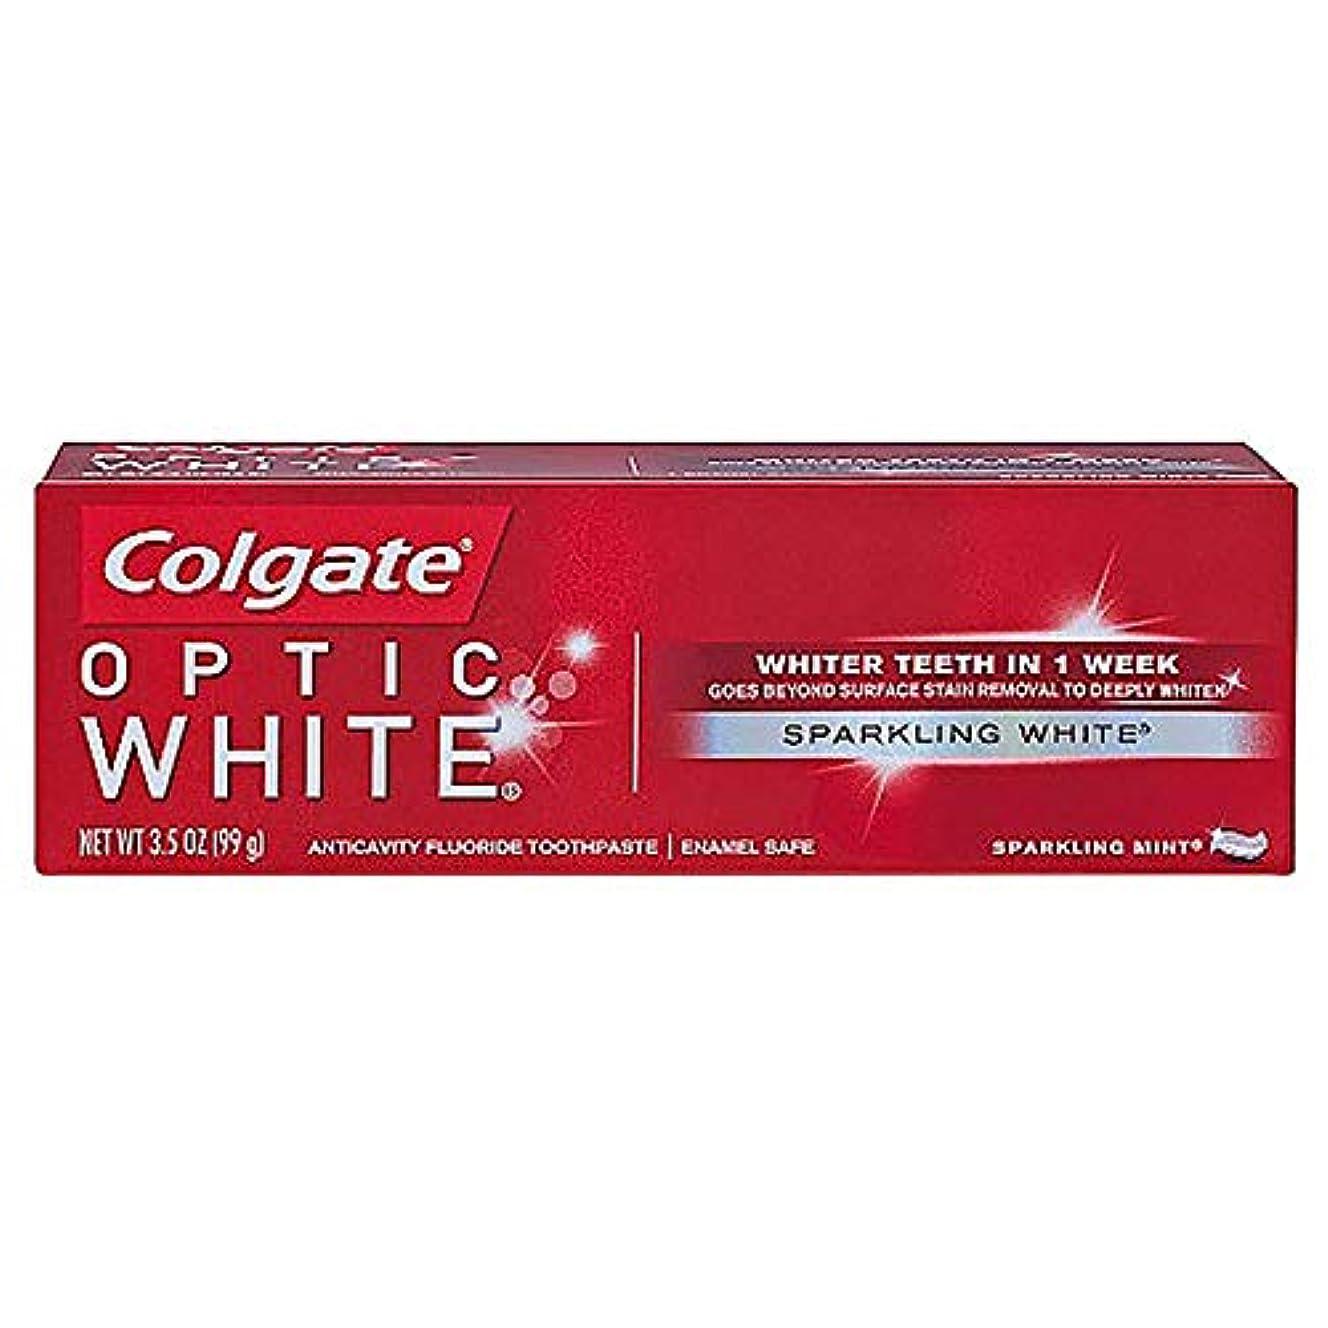 確率代理人五十コルゲート ホワイトニング Colgate Optic White Sparkling White 99g 白い歯 歯磨き粉 ミント